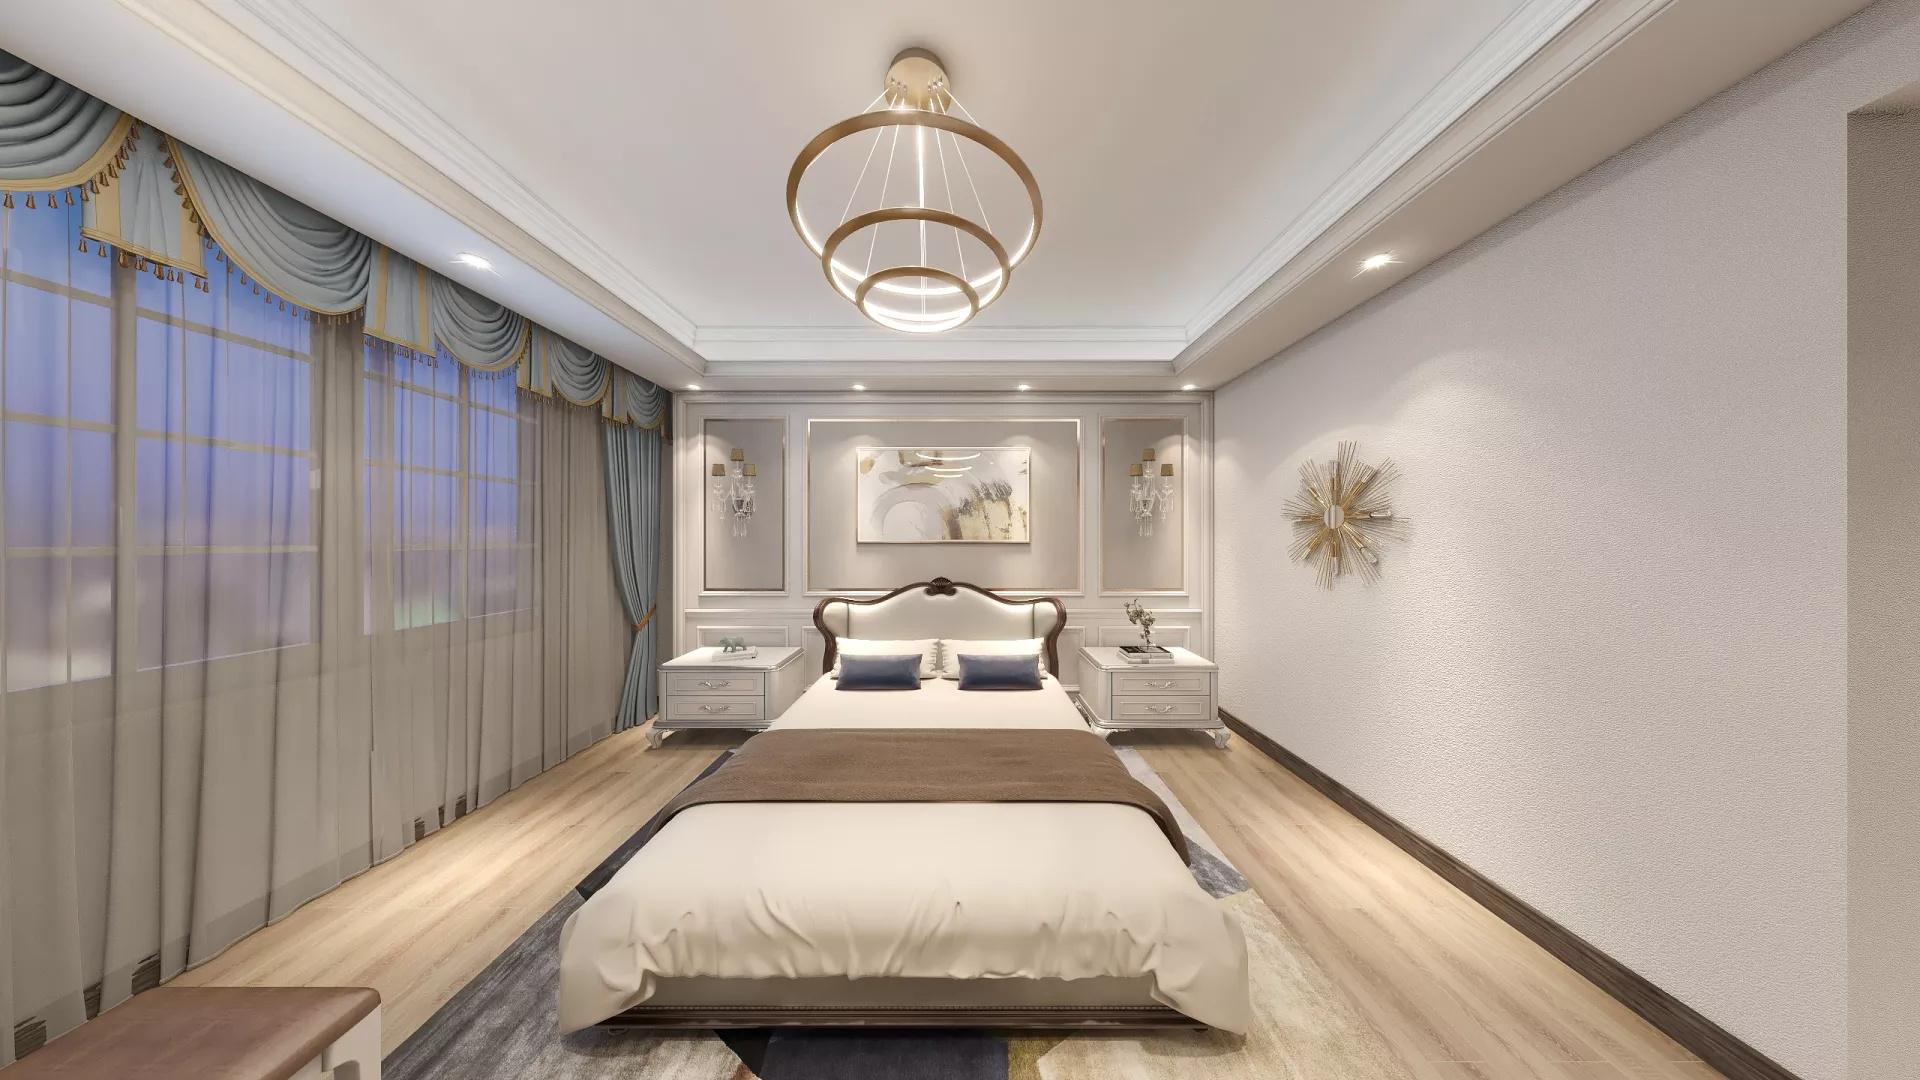 宜家暖色调氛围客厅装修效果图